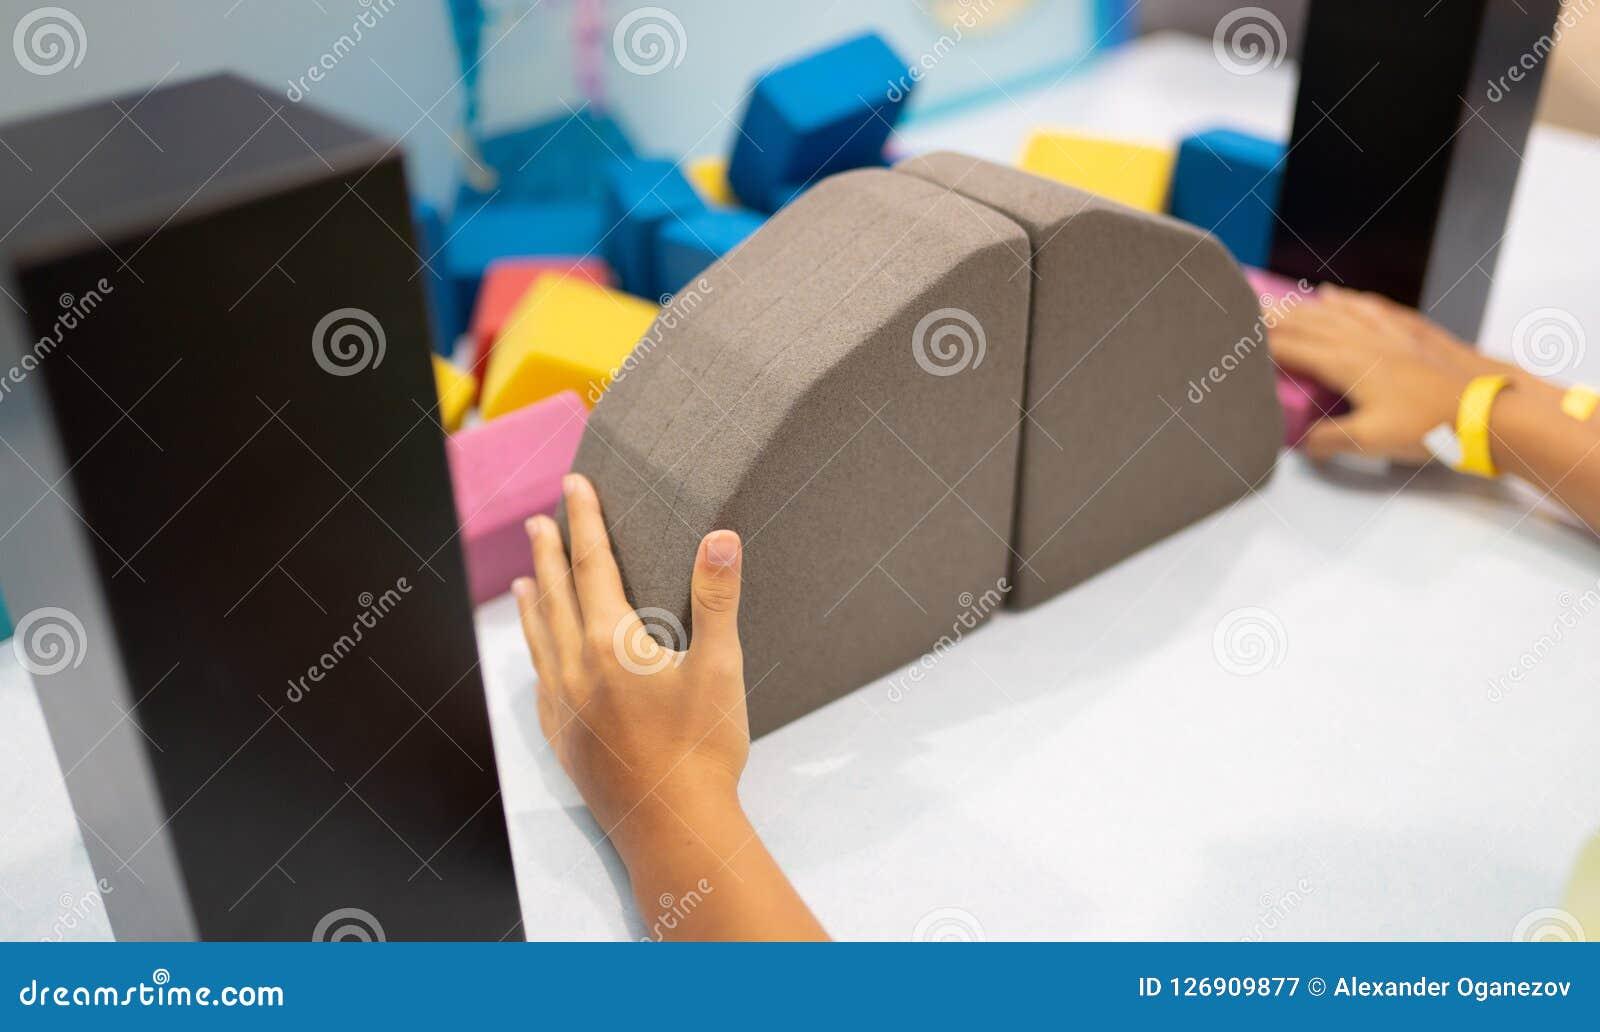 Kind het assembleren brug van kleurrijke vormen